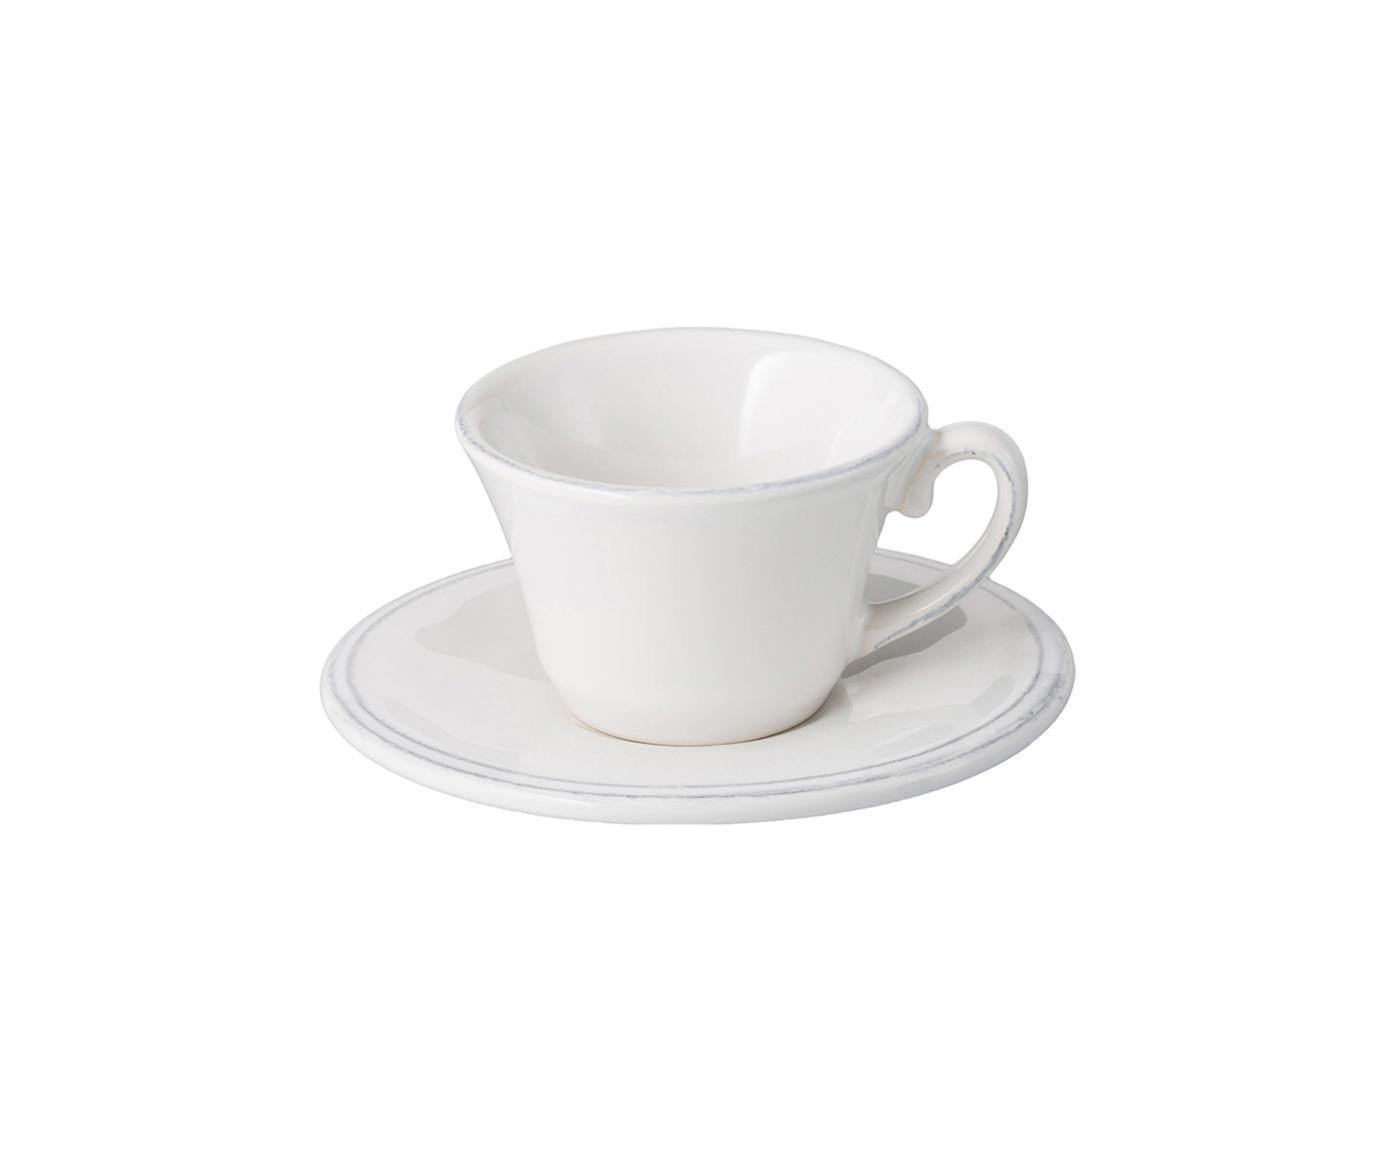 Tazzina caffè con piattino in bianco Constance 6 pz, Ceramica, Bianco, Ø 13 x Alt. 6 cm